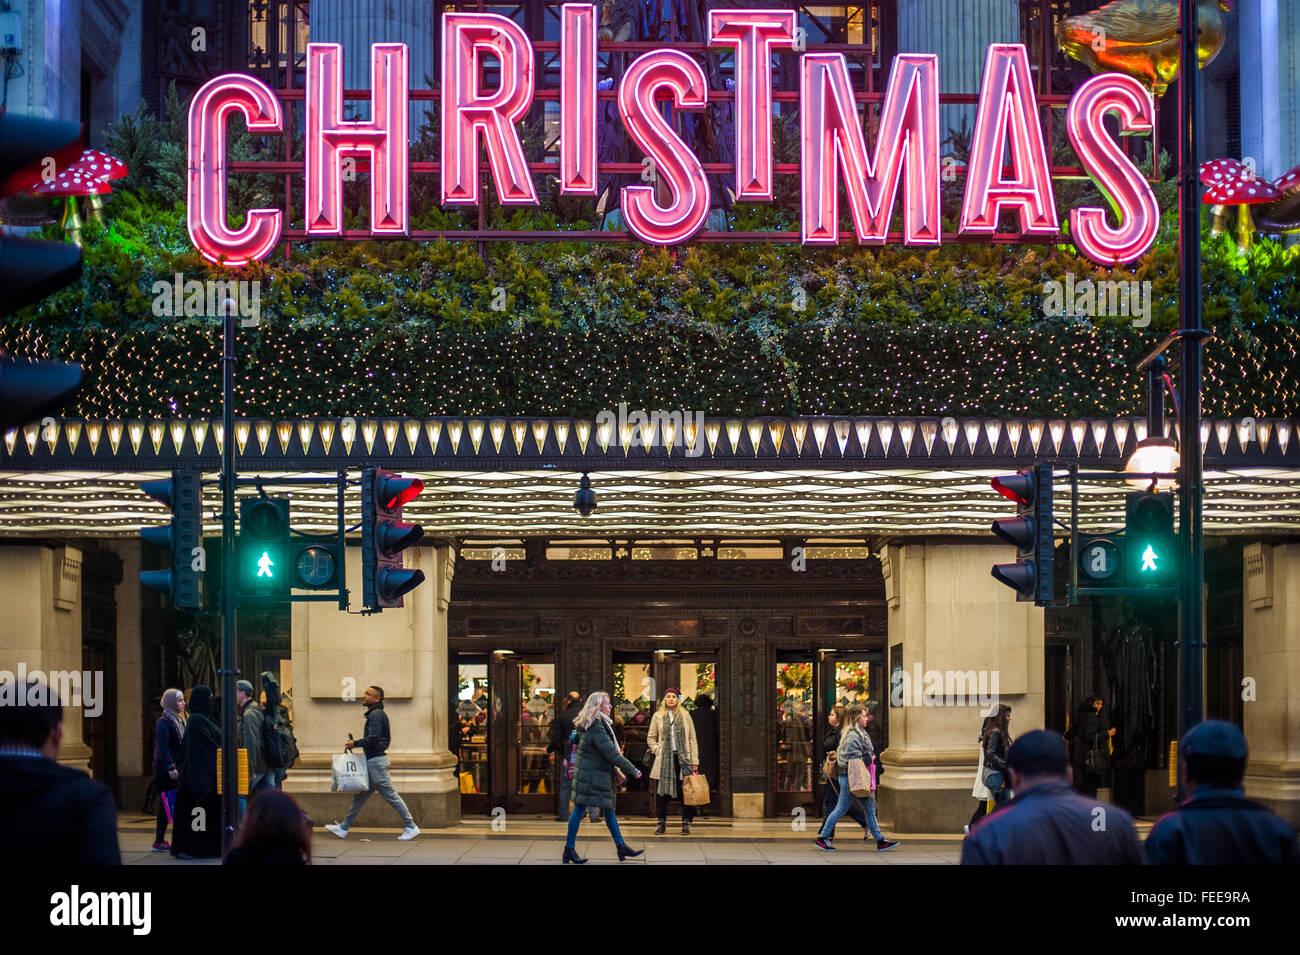 Weihnachtseinkäufer London Stockfotos & Weihnachtseinkäufer London ...